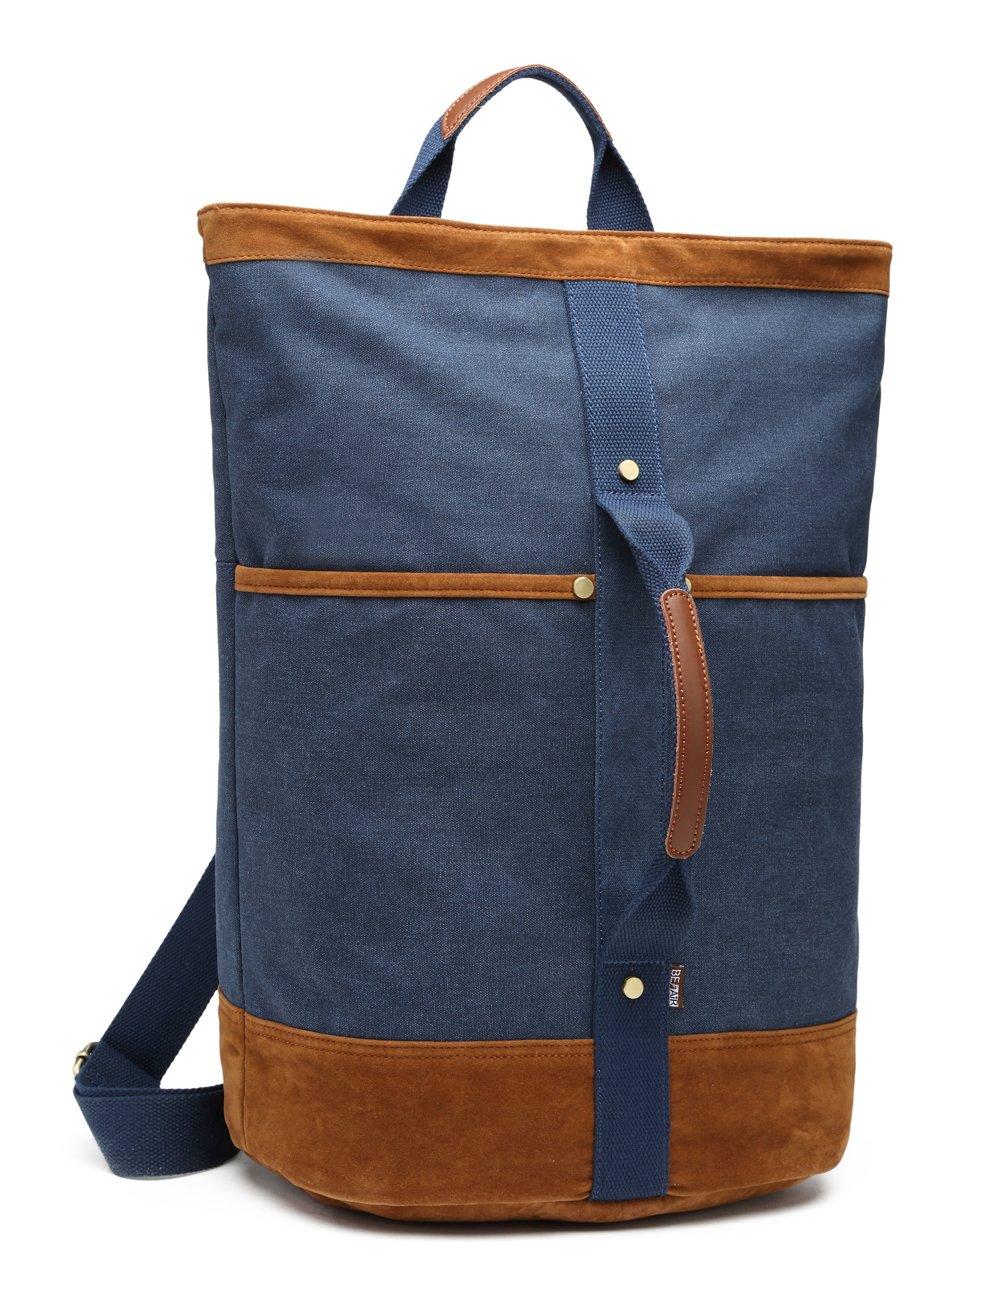 Canvas Rucksack Travel Backpack BEFAiR Vintage Duffel Bag Shoulder Sling laptop Weekend Bag for Men Women (Blue)